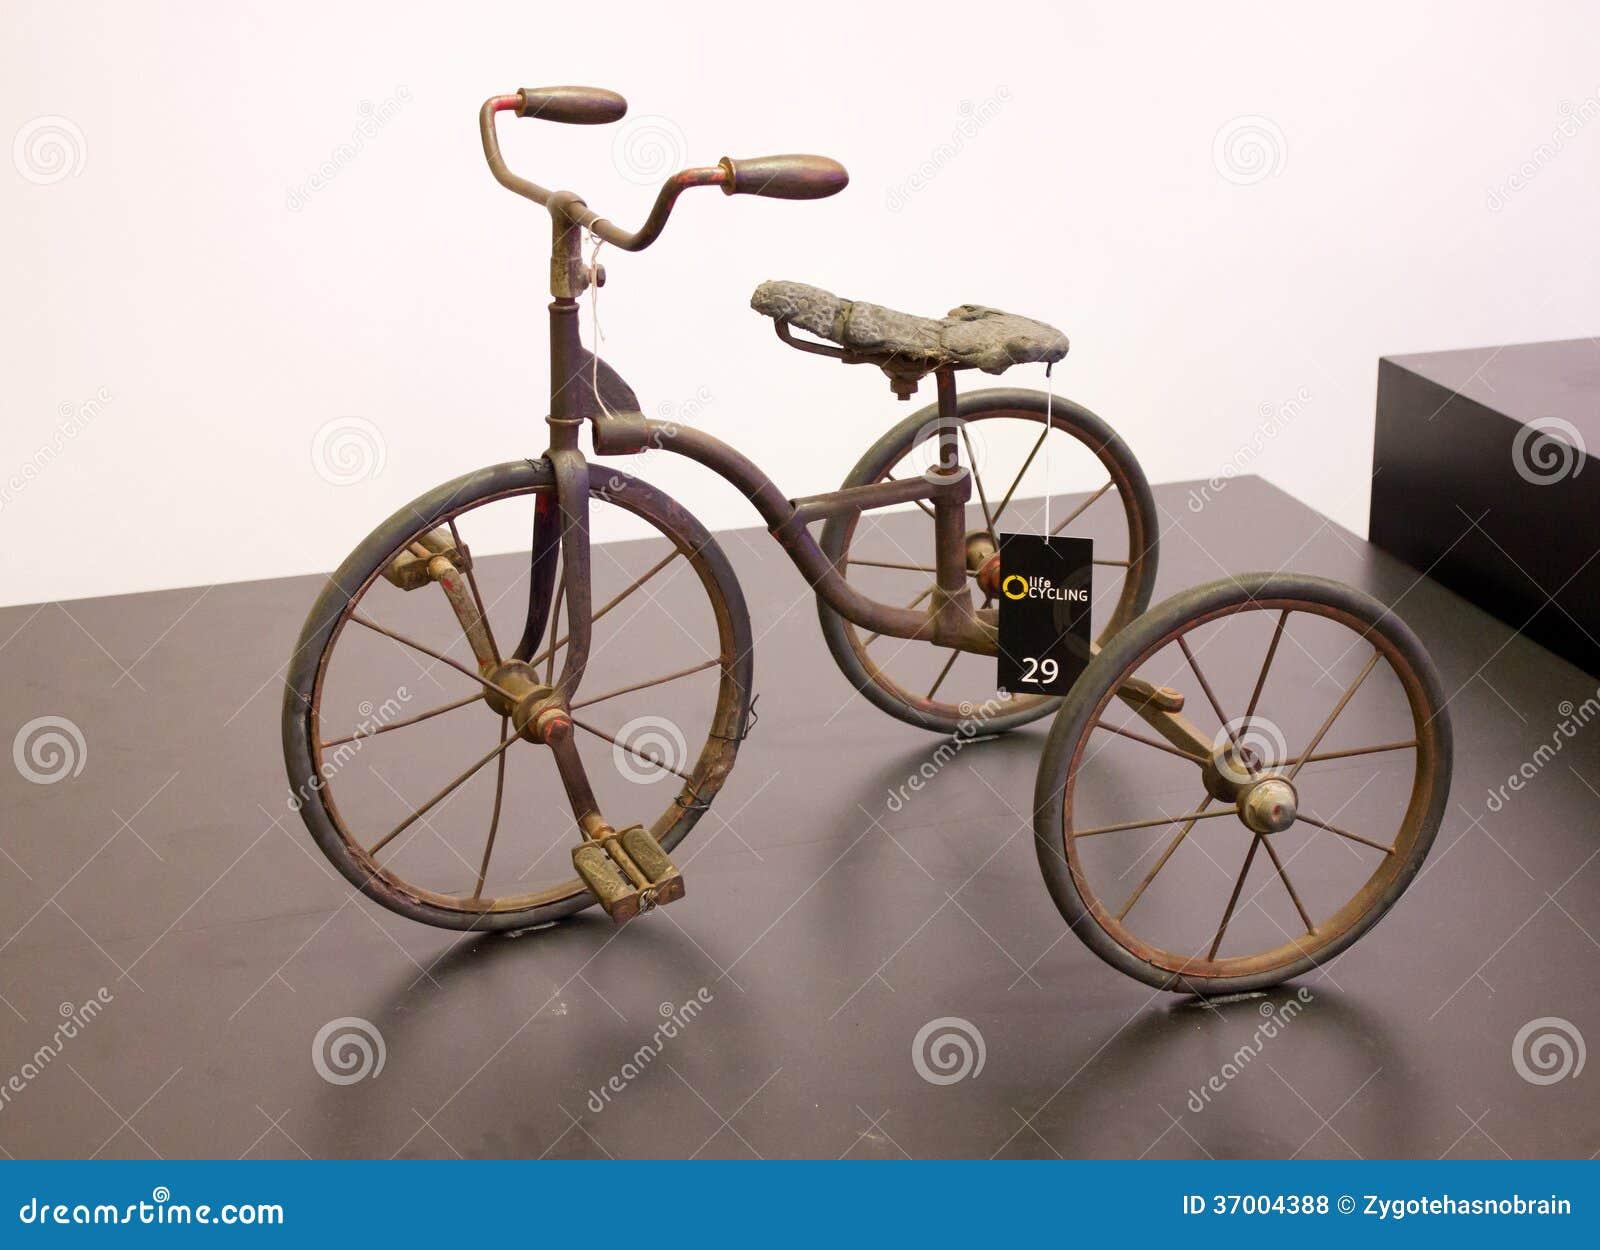 Bicicletta Antica Su Esposizione Fotografia Stock Editoriale